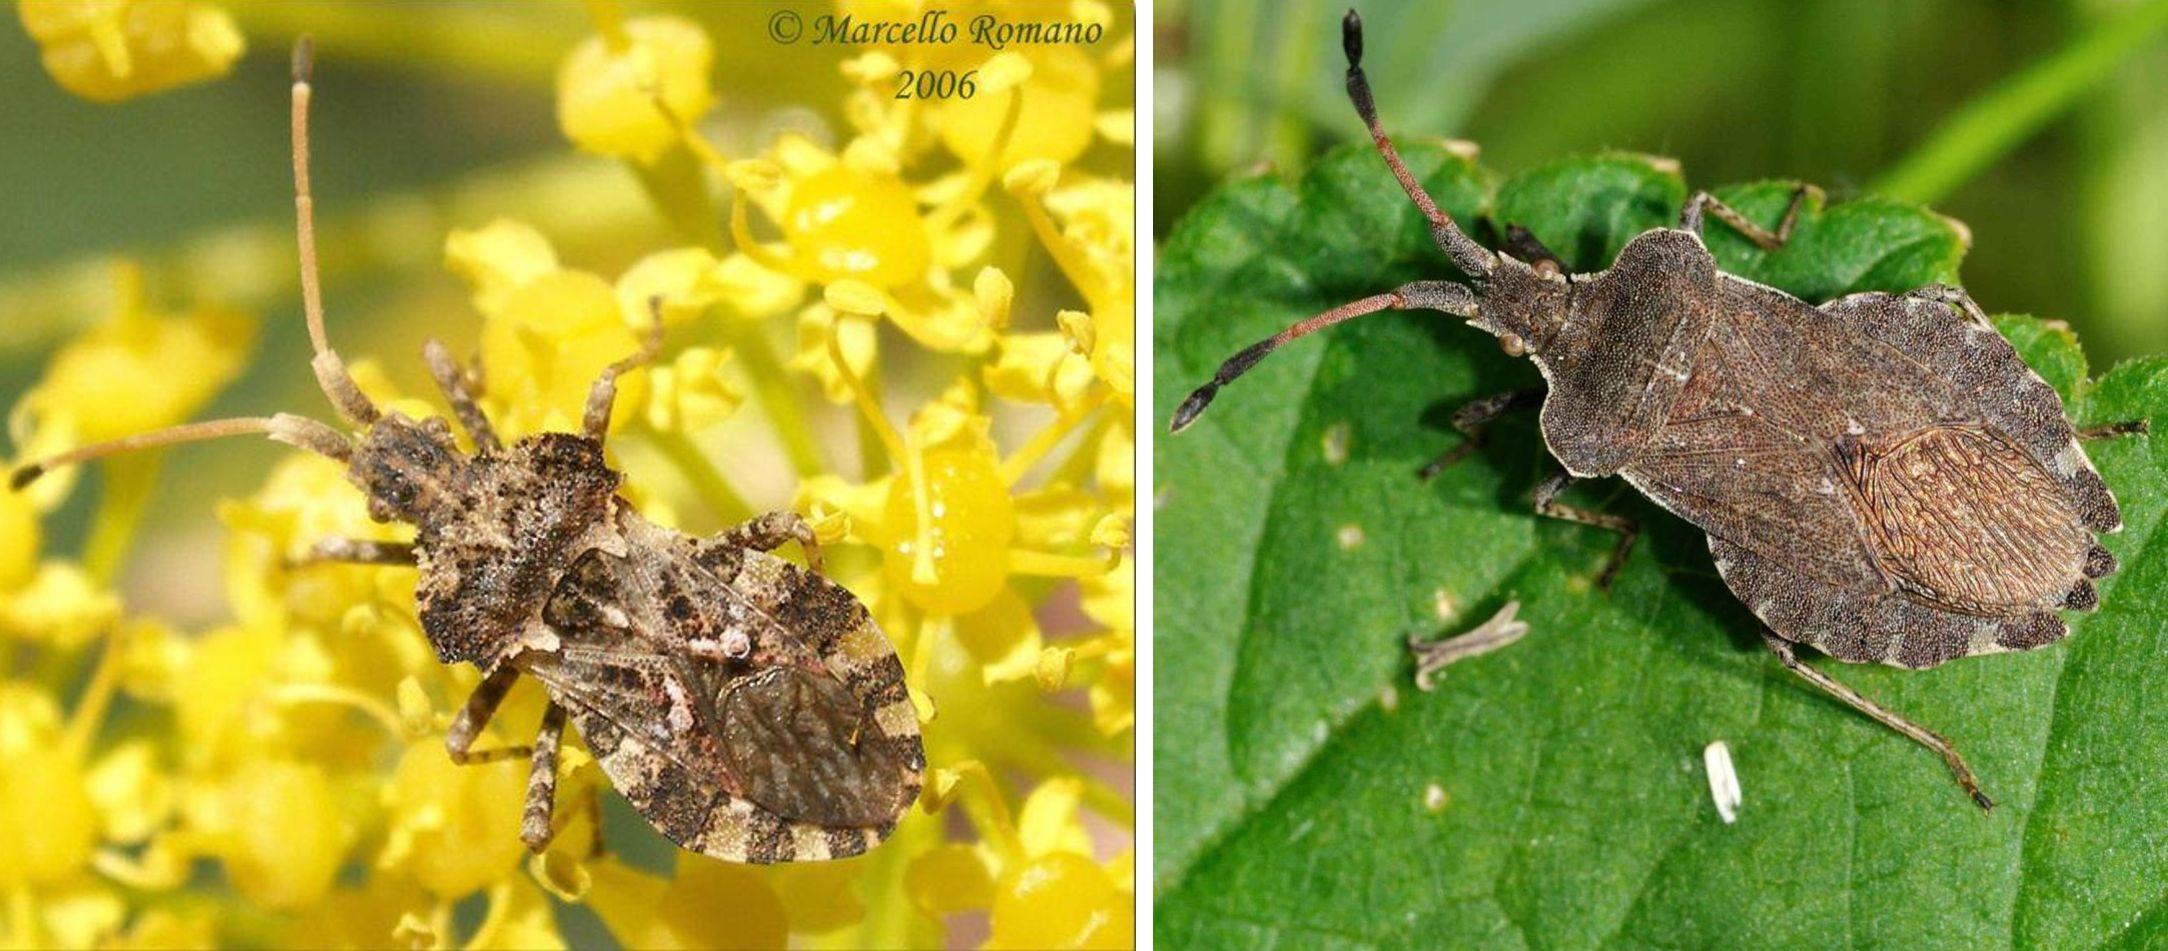 Coreidae: Enoplops scapha? No, Centrocoris variegatus